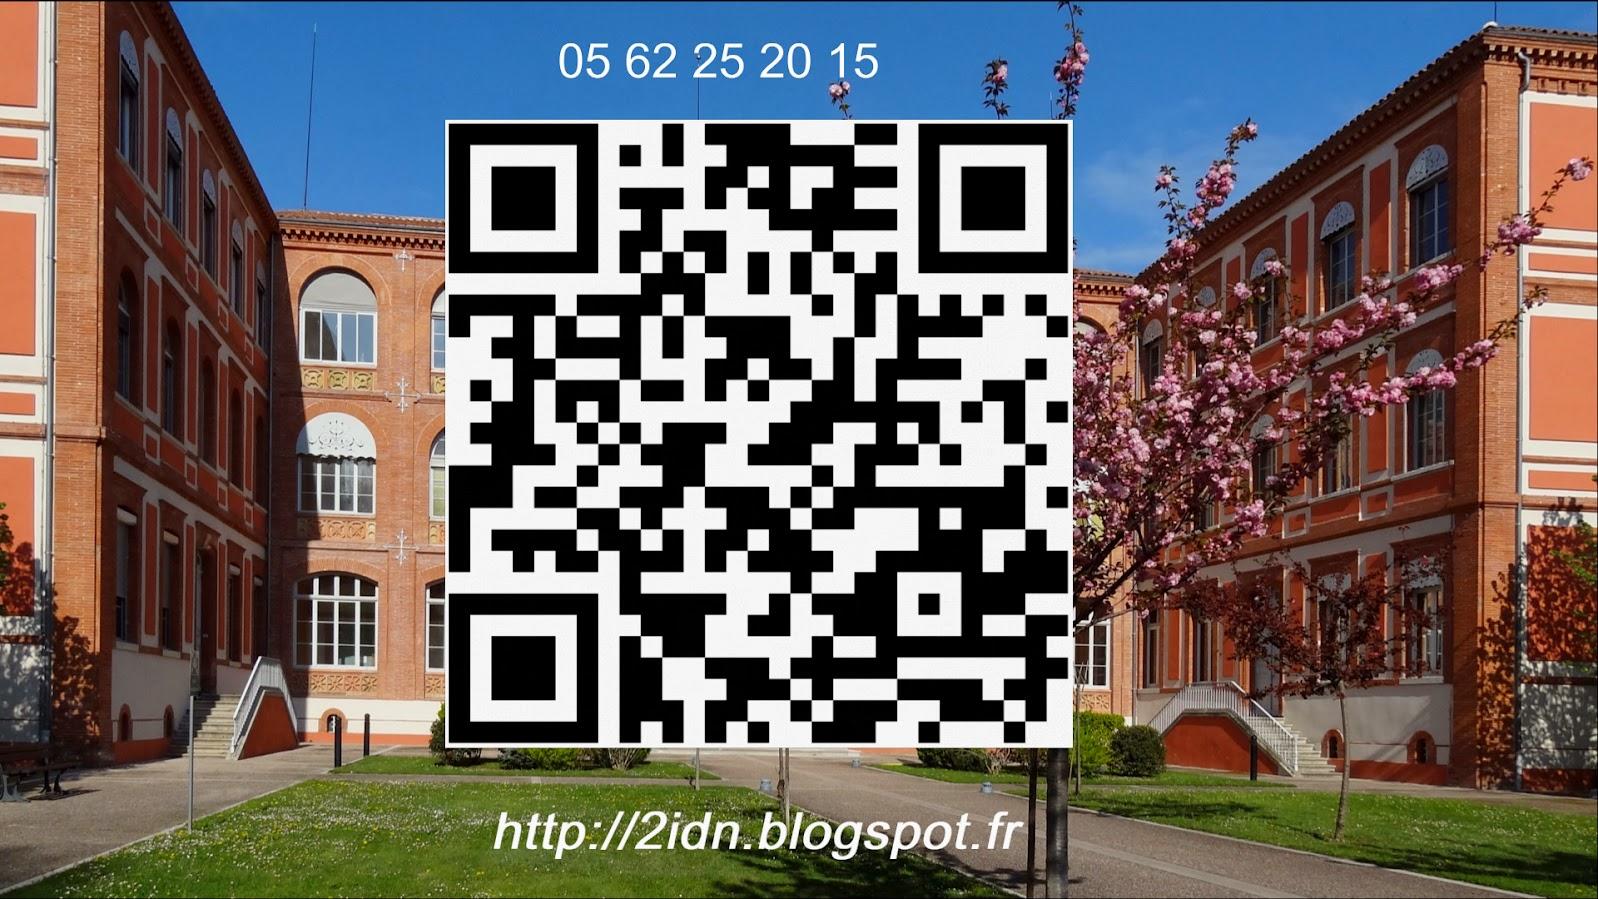 Vos études à Toulouse